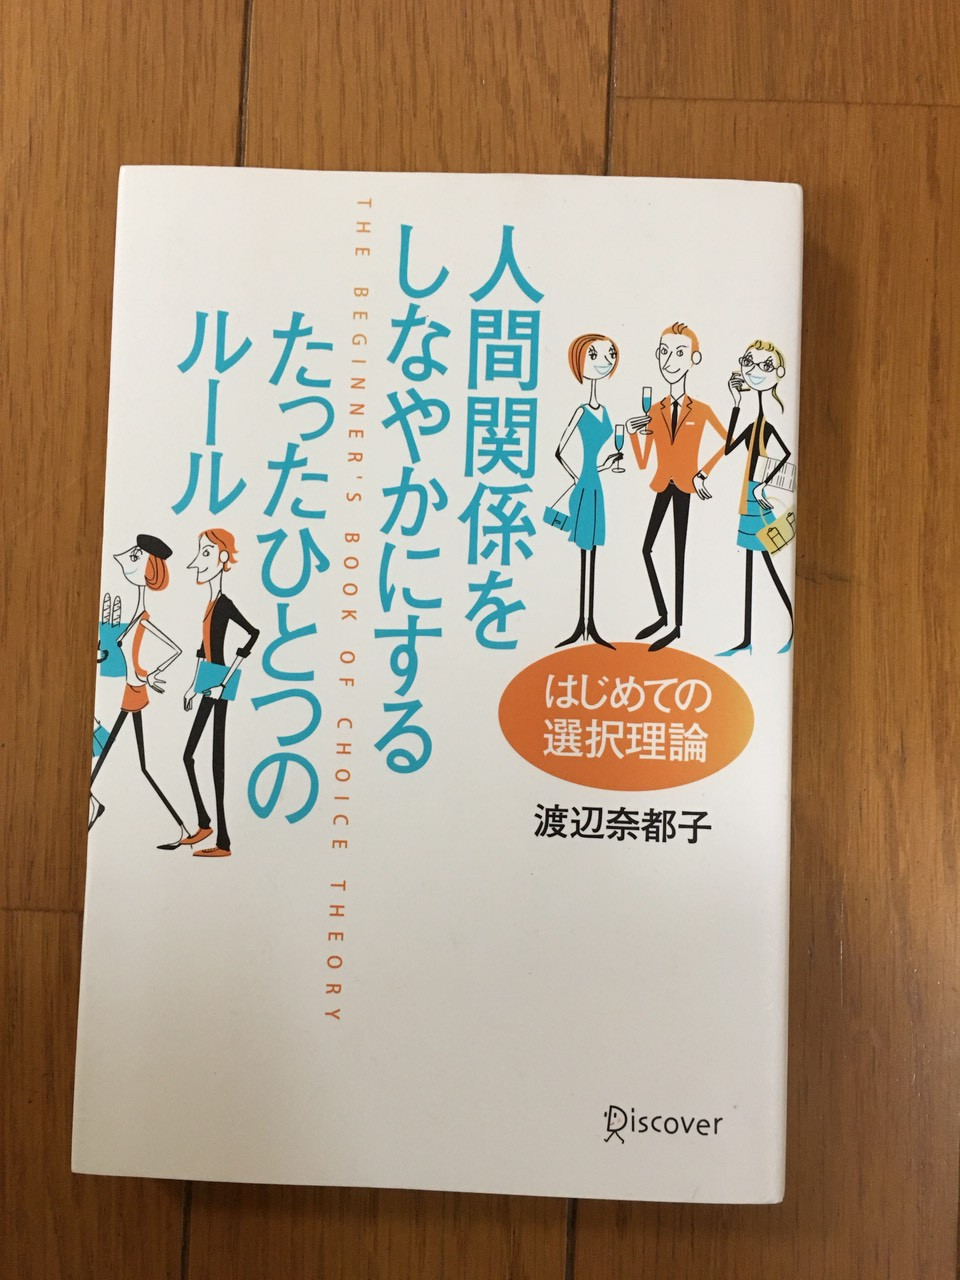 【人間関係をしなやかにする たったひとつのルール】 渡辺奈都子